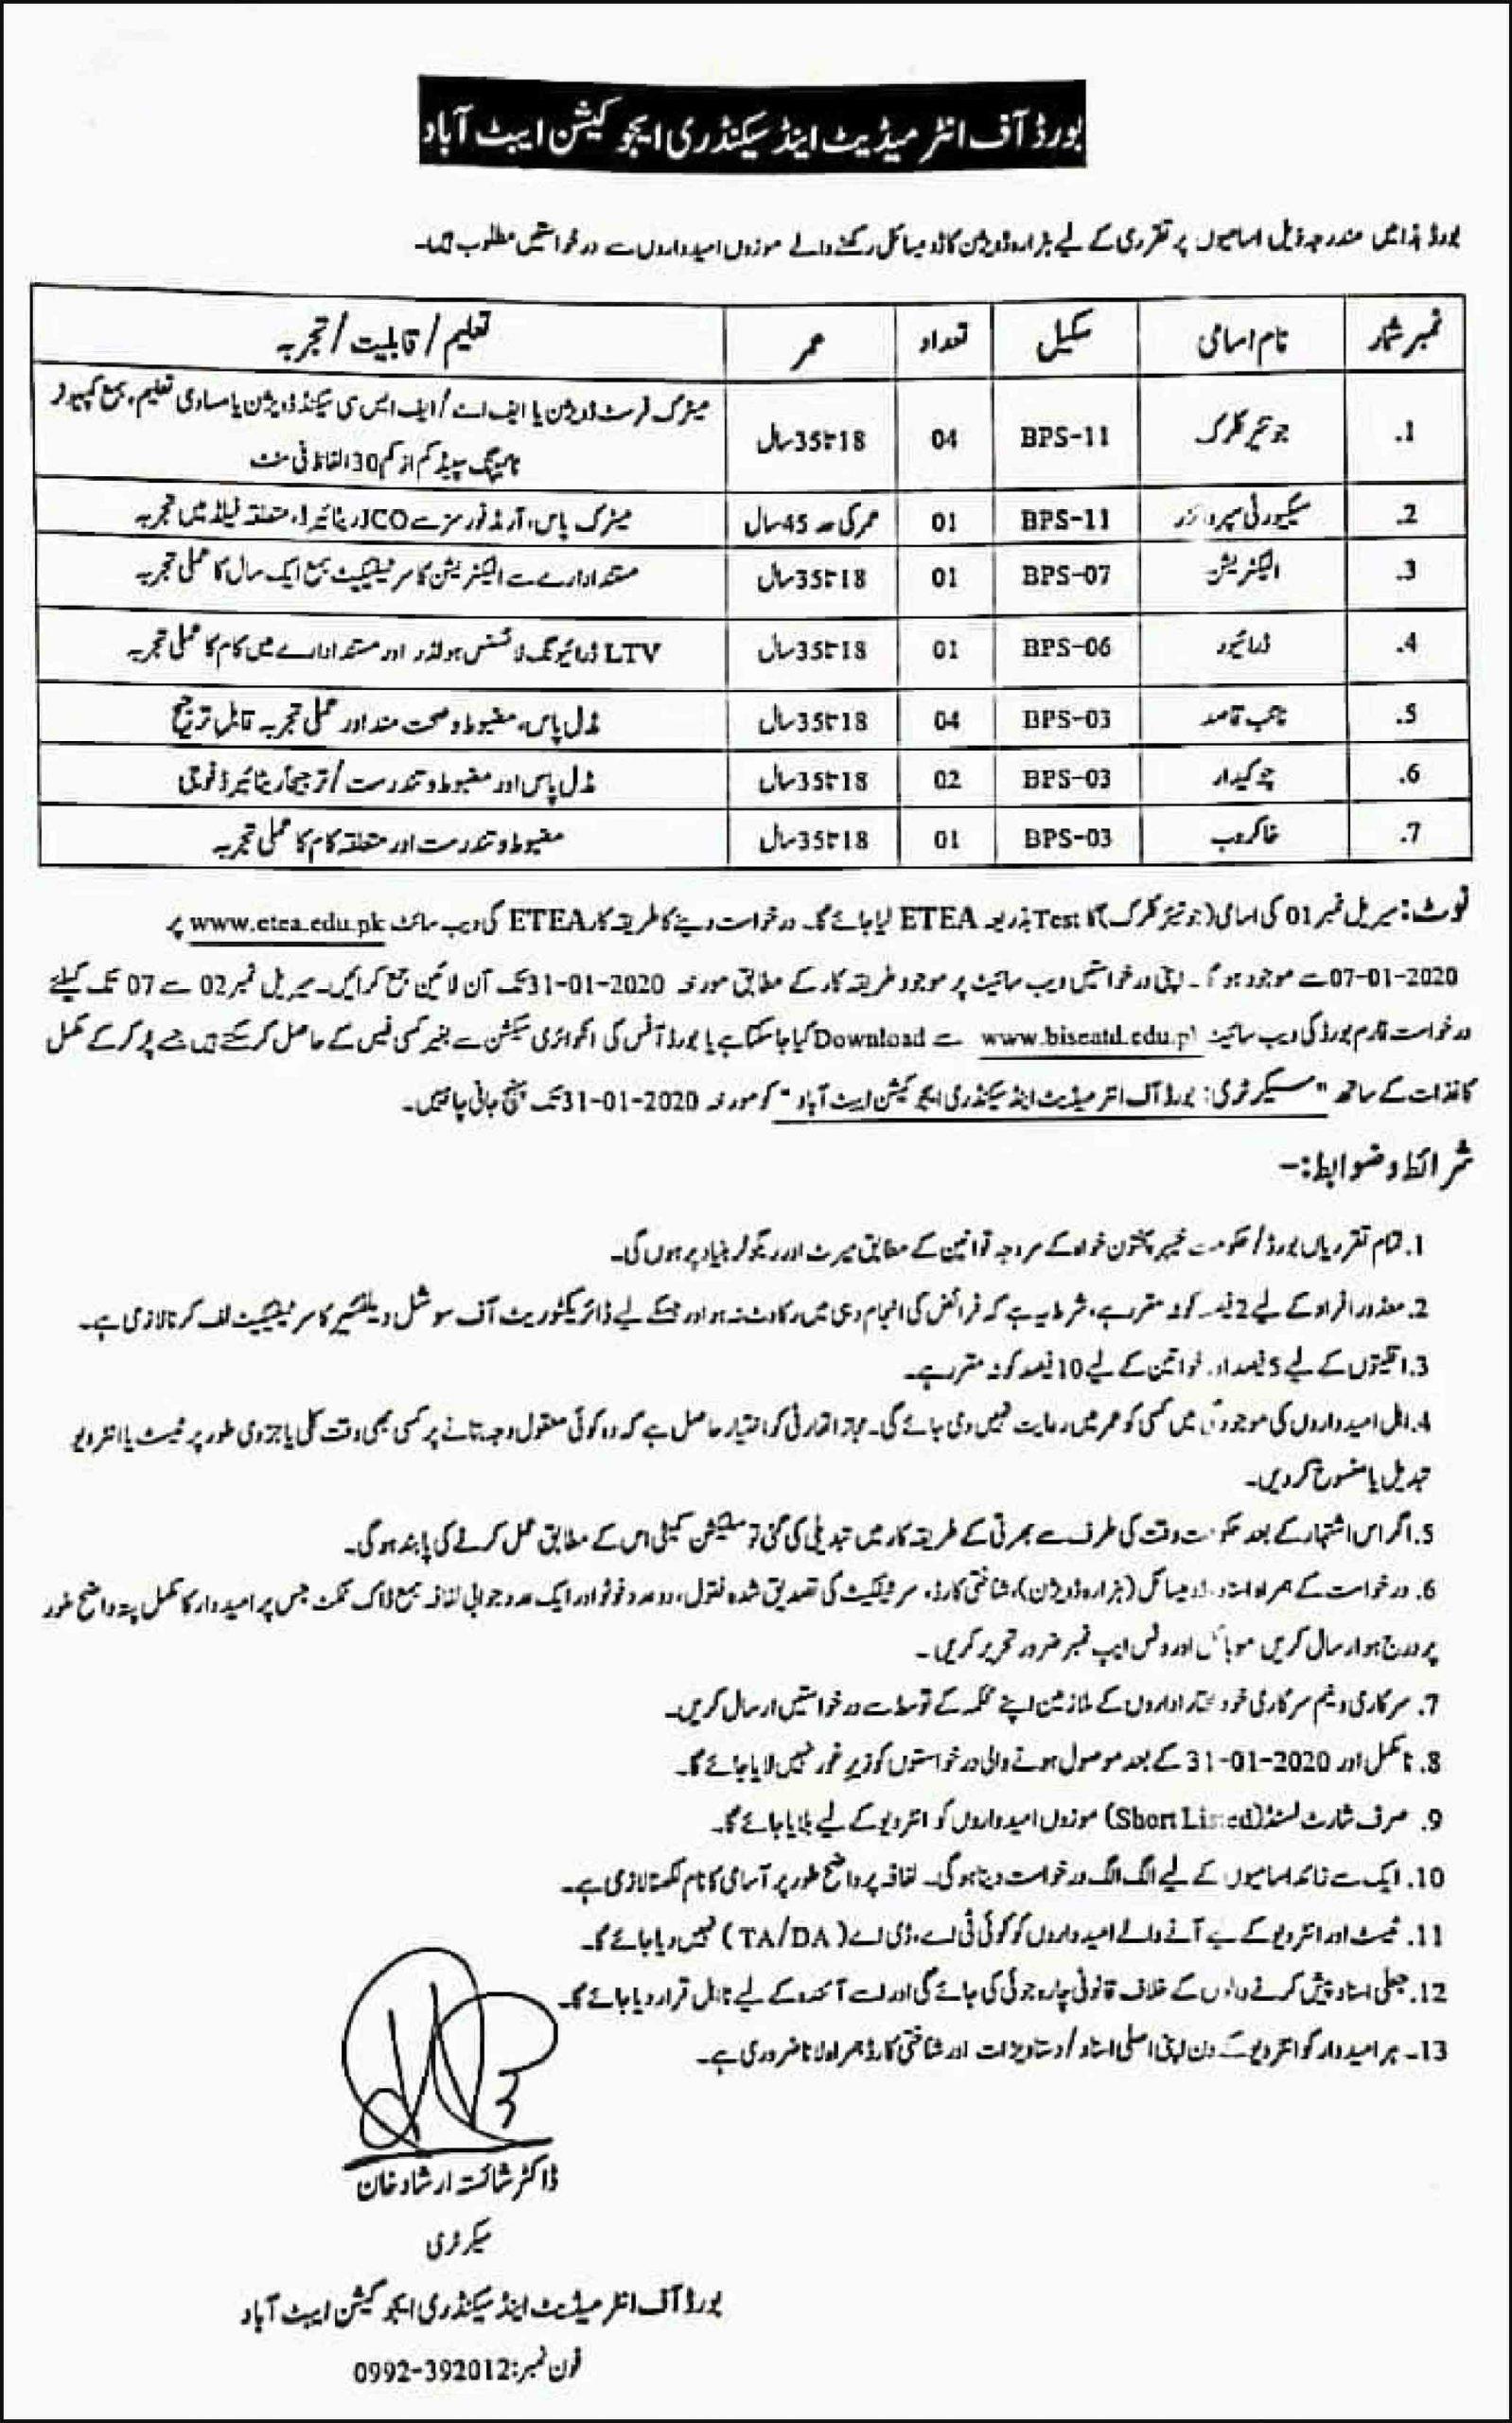 BISE Abbottabad Junior Clerk Jobs ETEA Typing Test Result